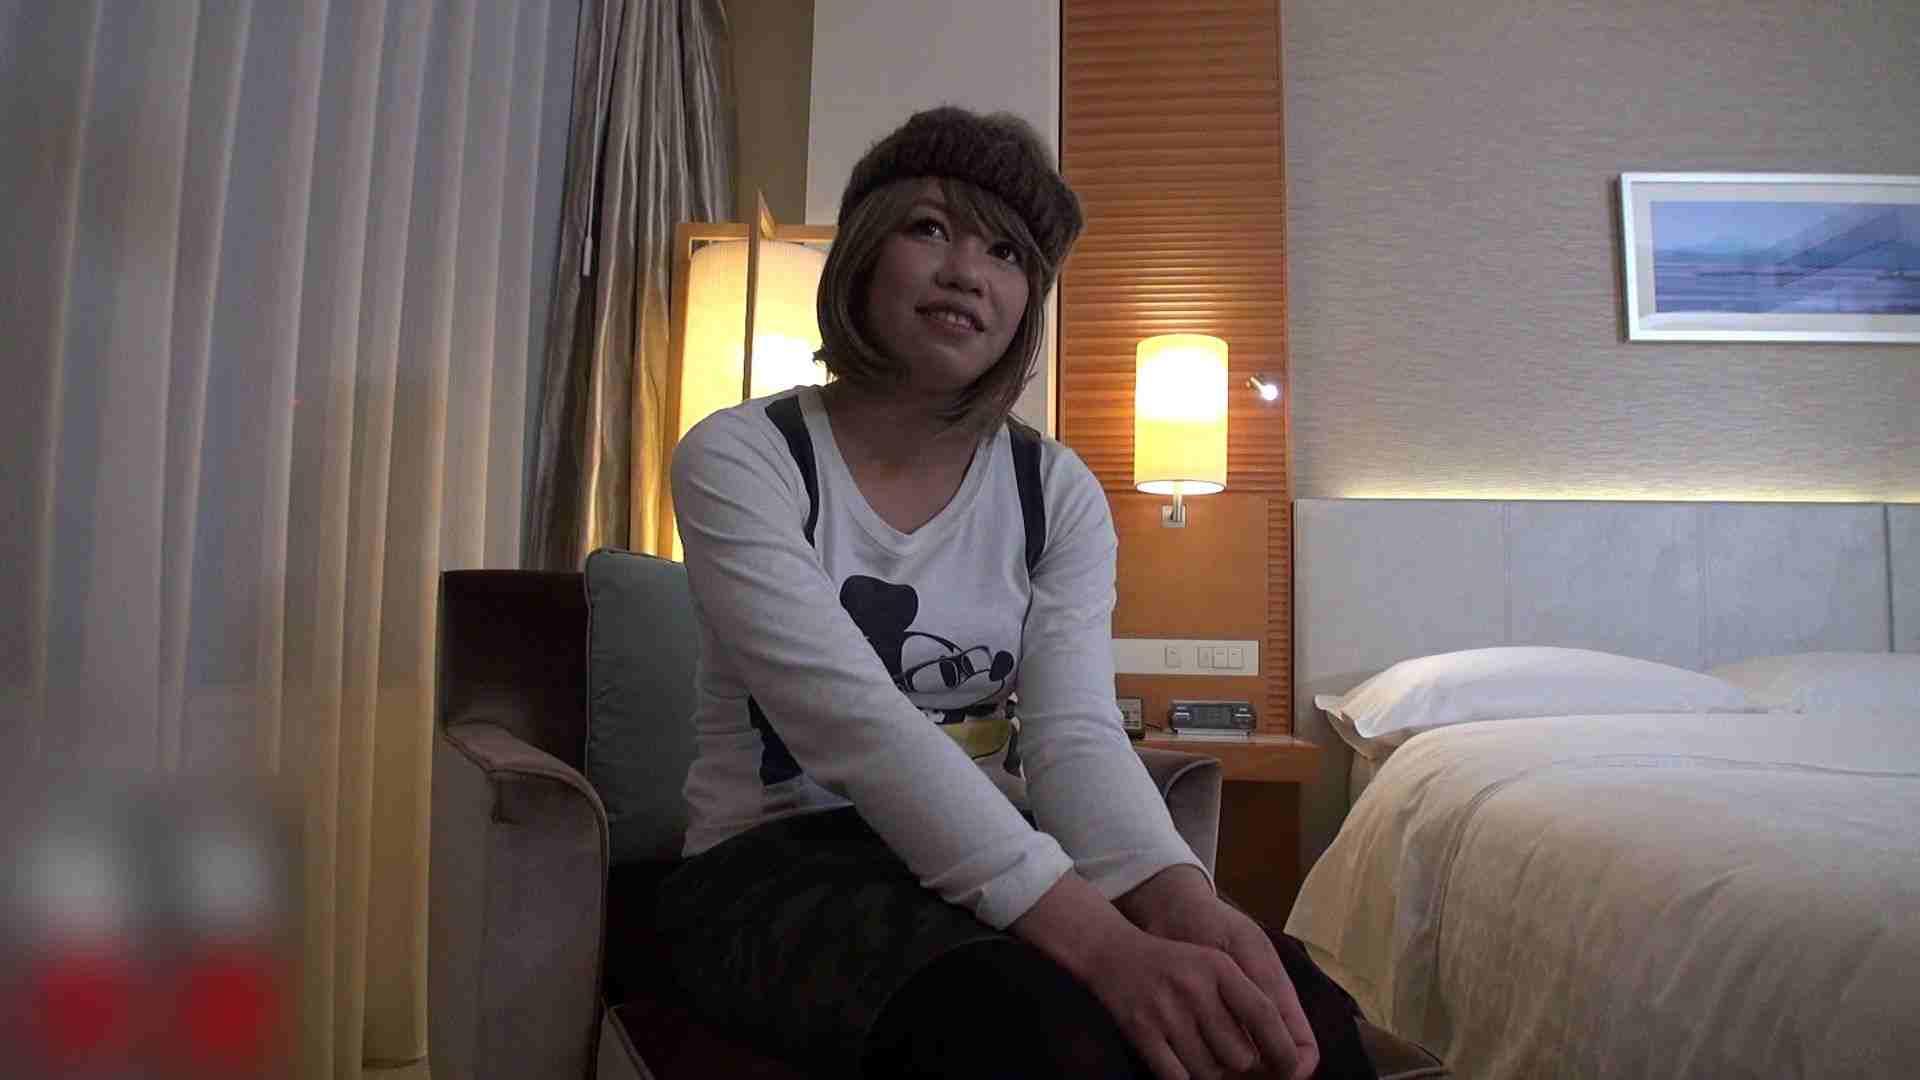 S級厳選美女ビッチガールVol.42 前編 すけべなOL アダルト動画キャプチャ 83画像 37